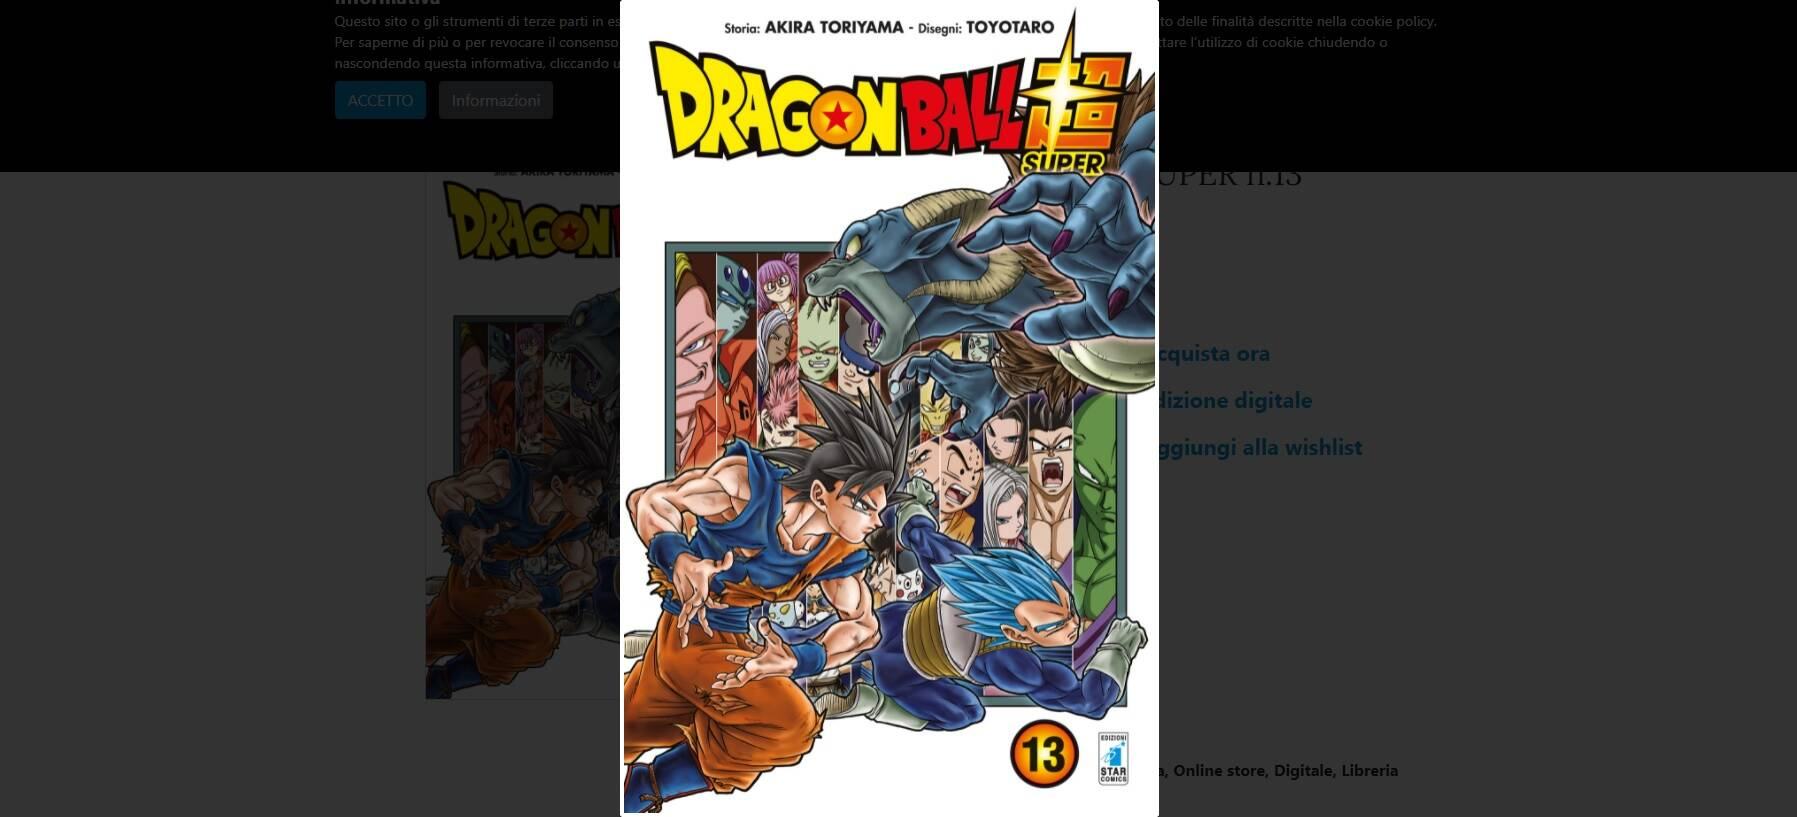 dragon ball super nuovo film